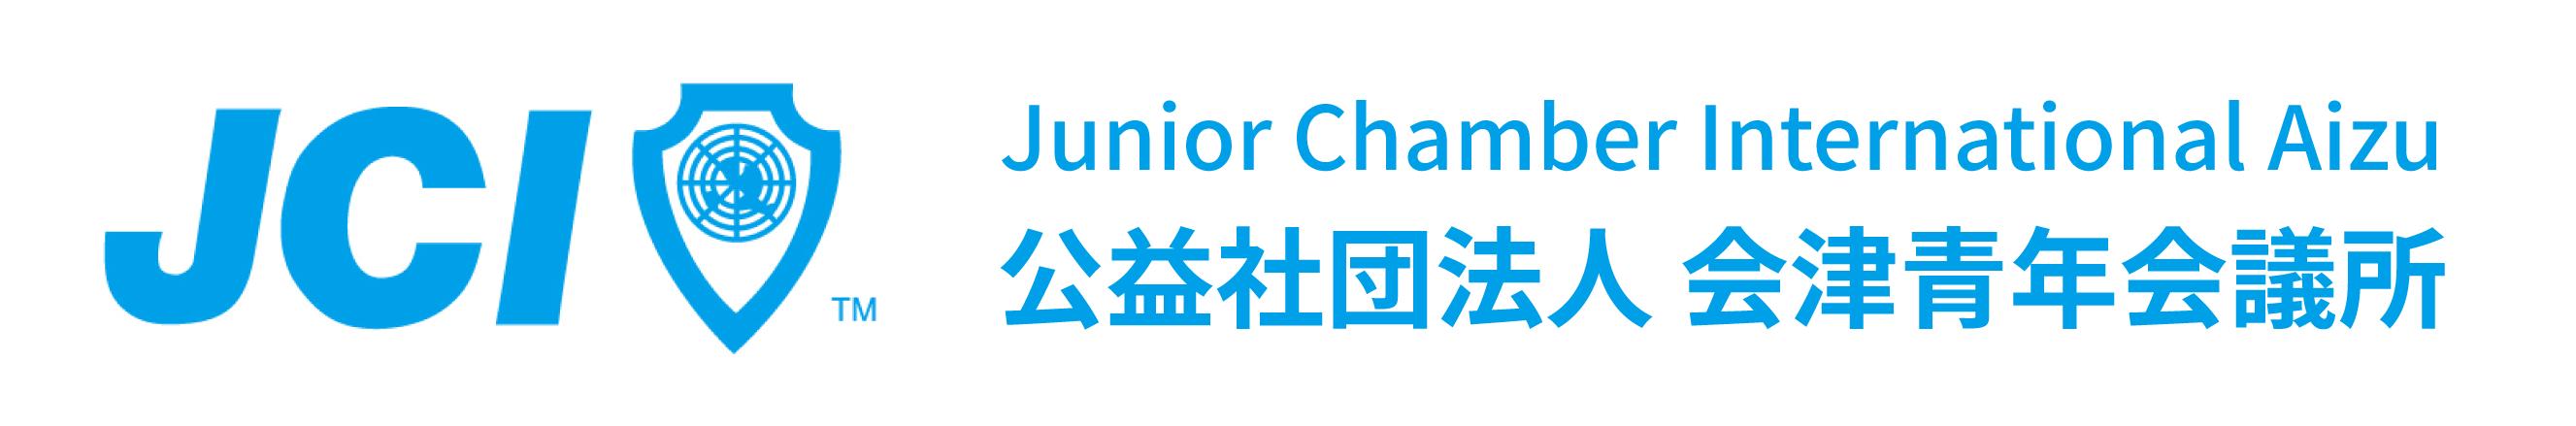 公益社団法人 会津青年会議所(会津JC)オフィシャルホームページ